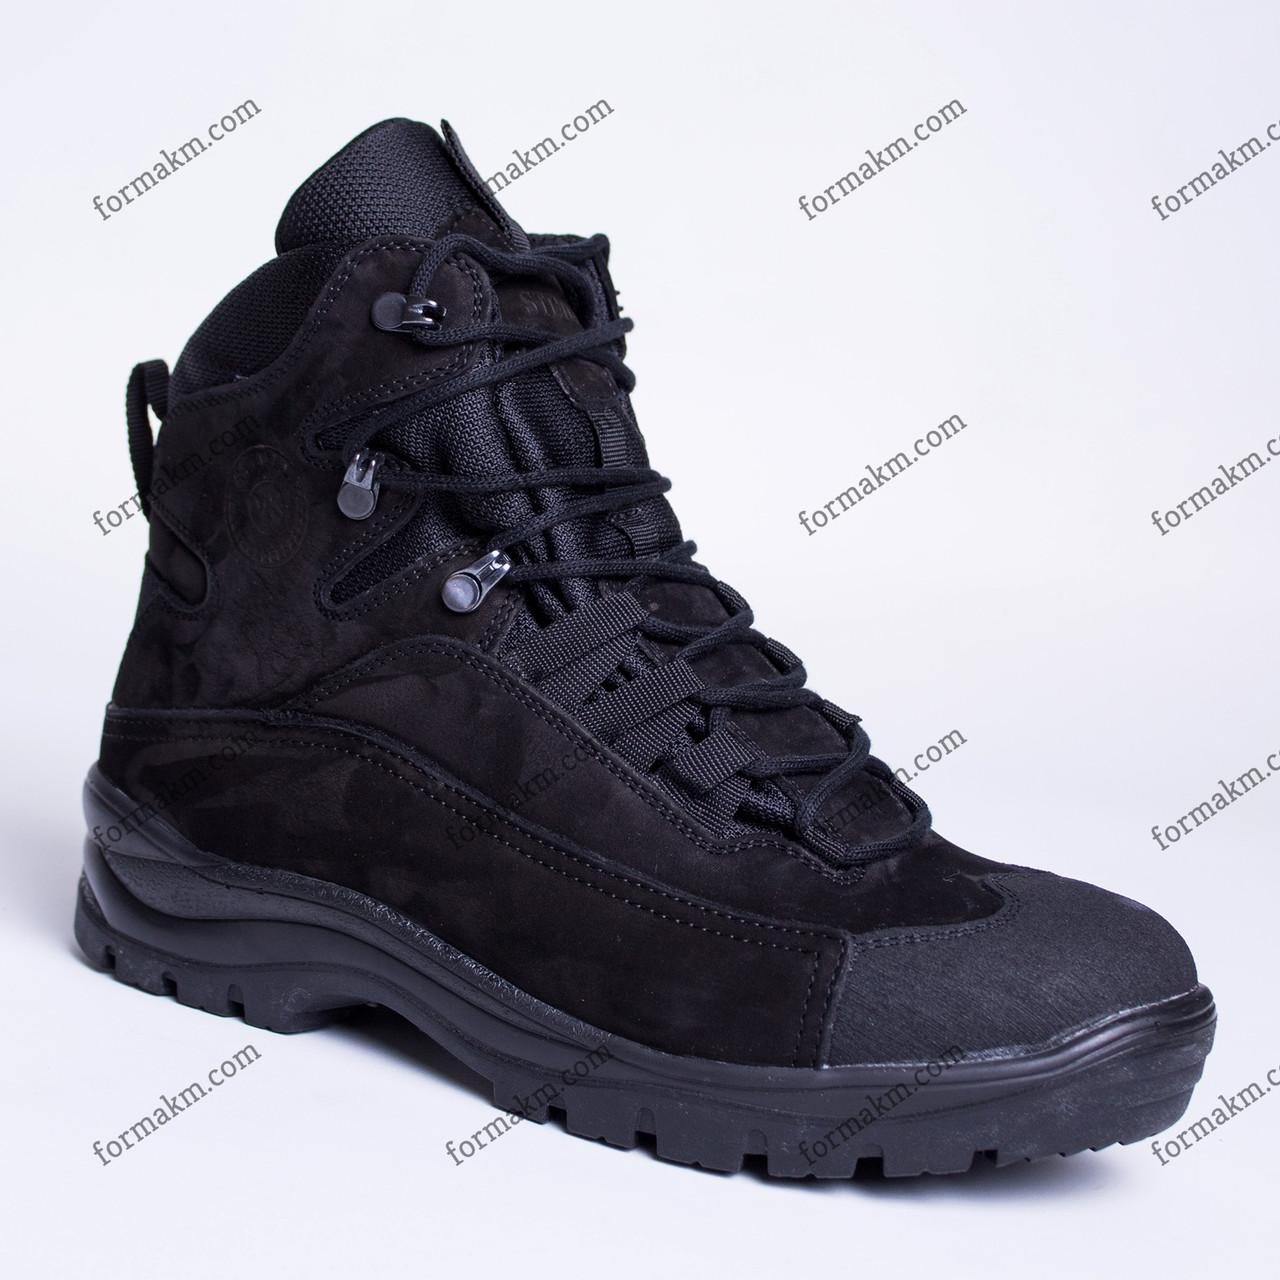 Ботинки Тактические Desert Evo.2 Black